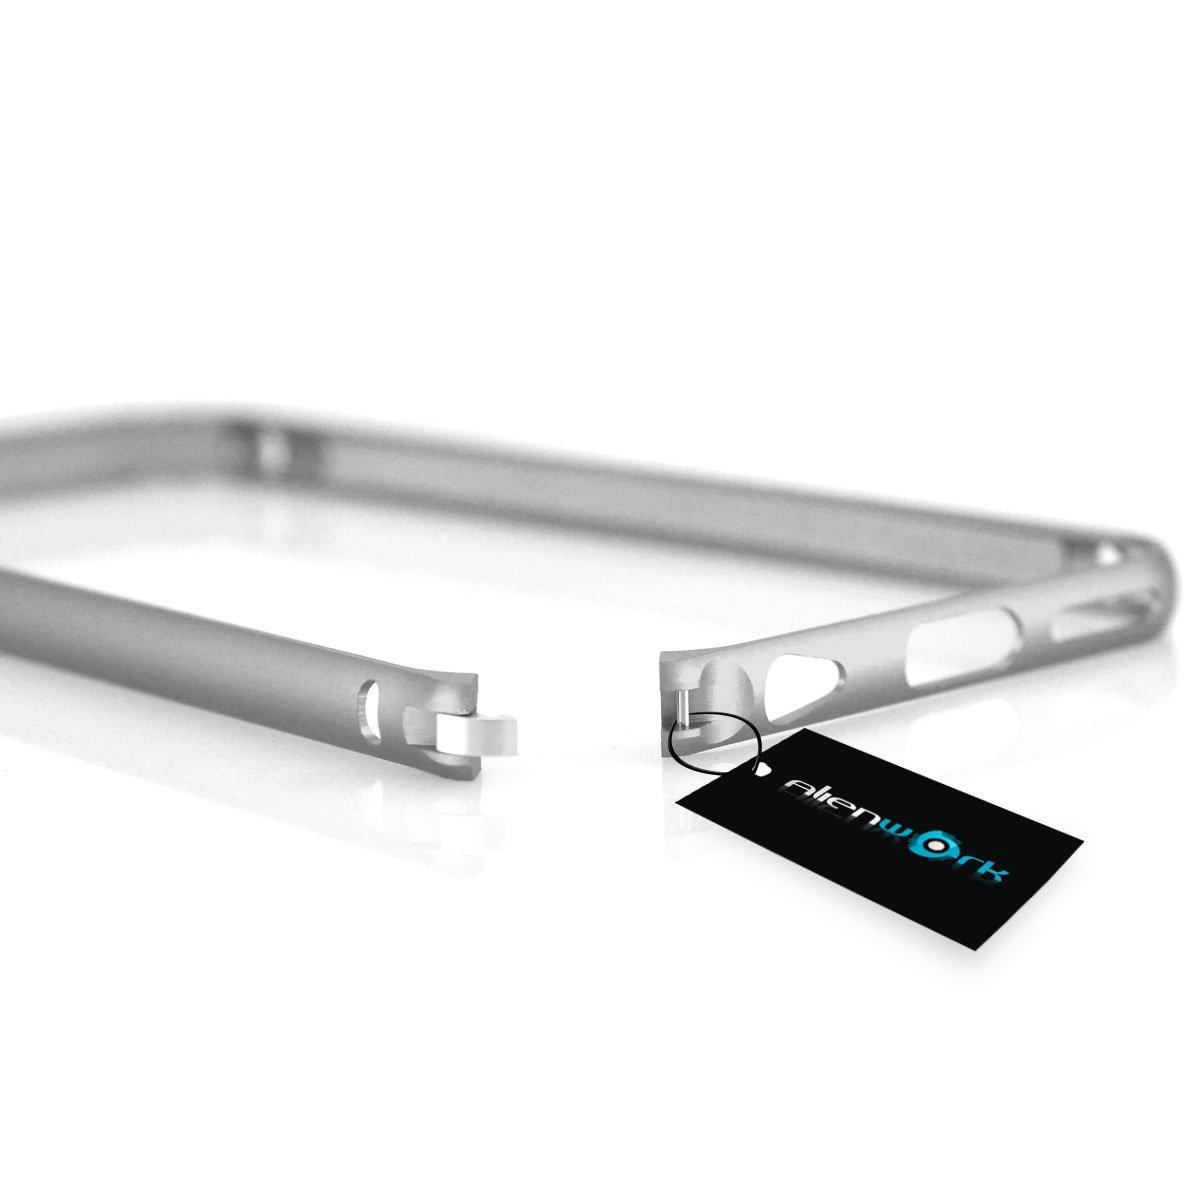 custodia iphone 6 plus alluminio